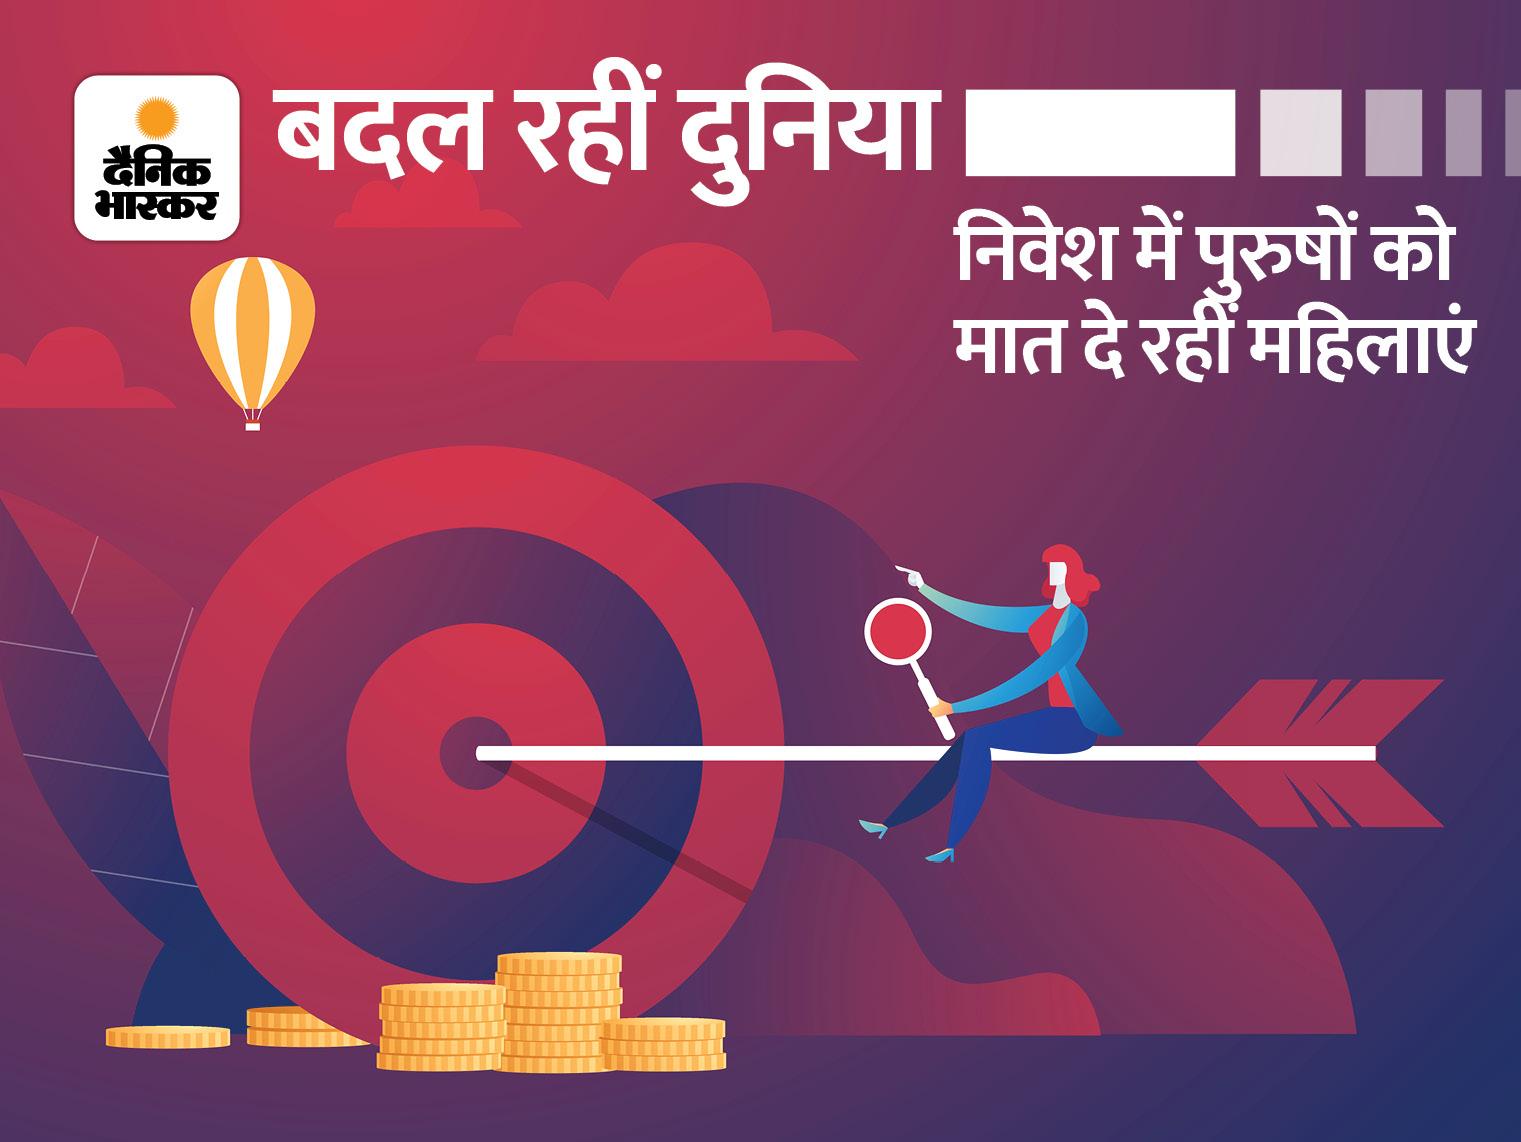 निवेश को लेकर बदल रही महिलाओं की सोच। - Dainik Bhaskar